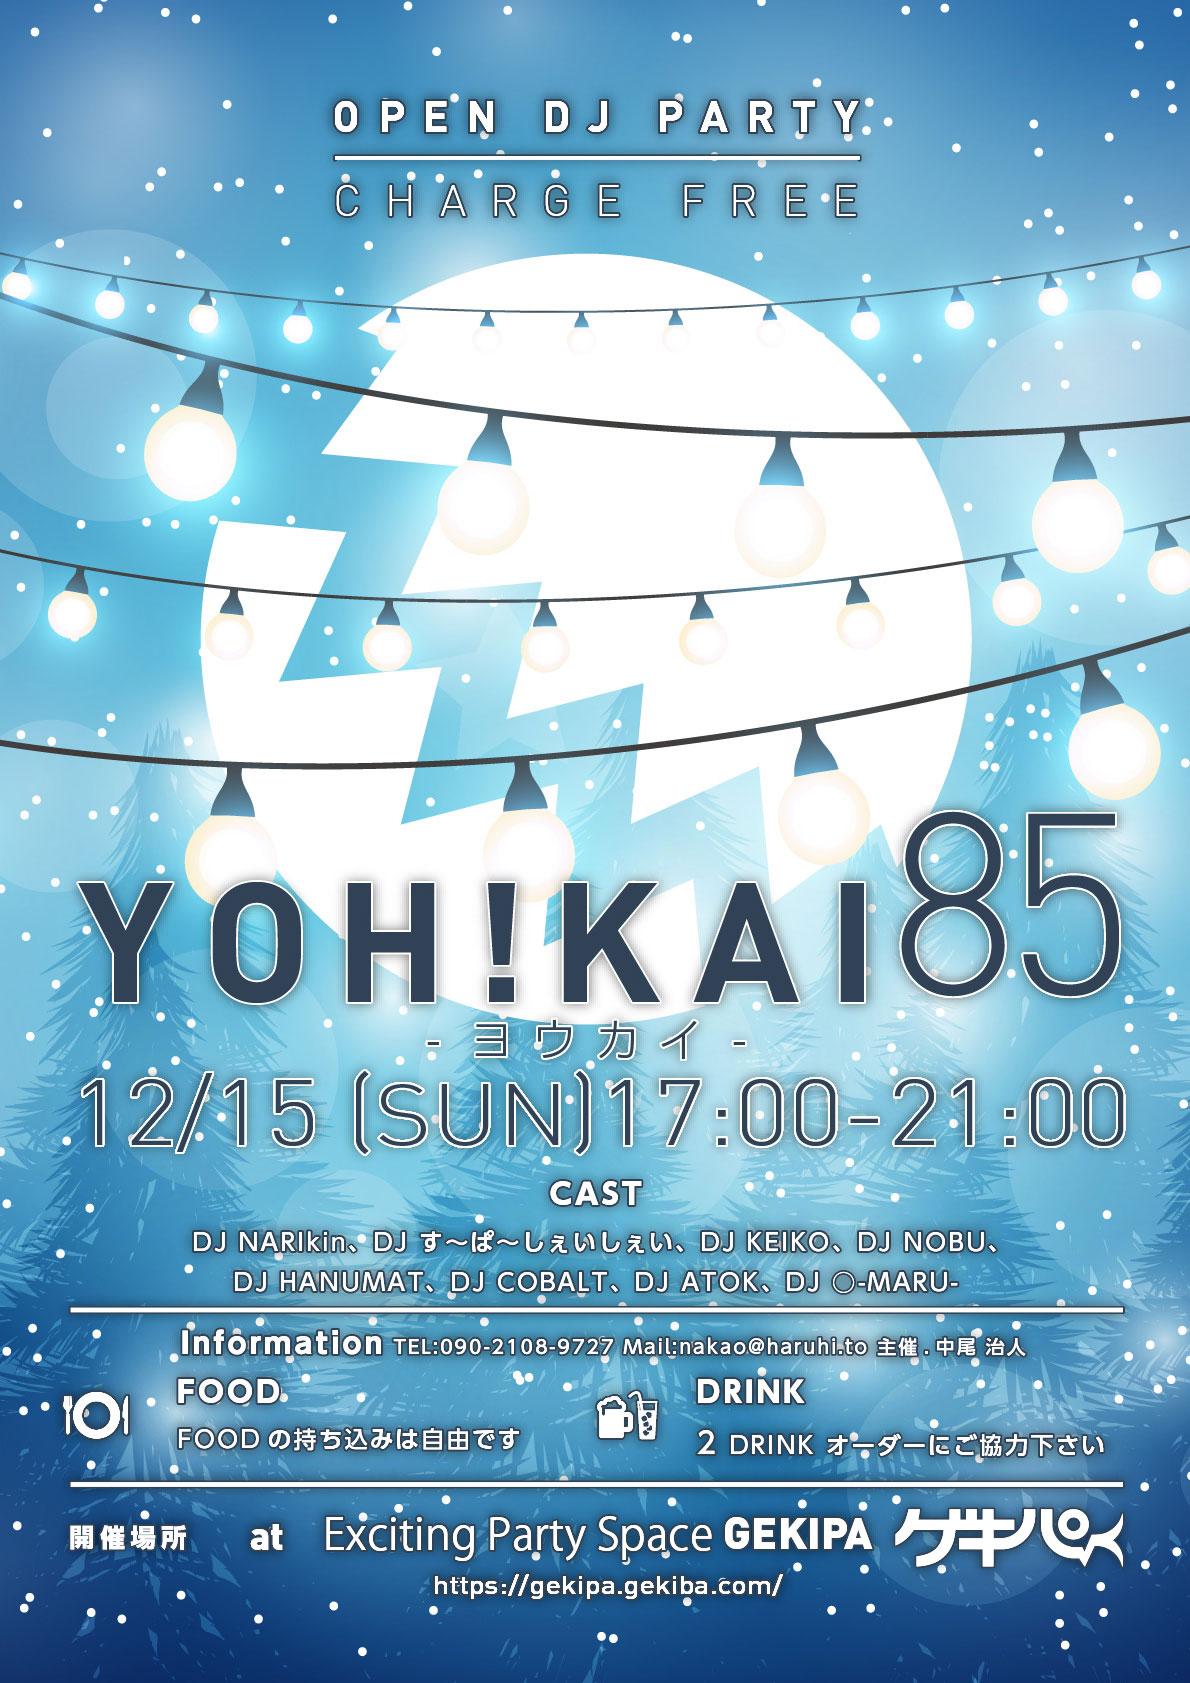 12月15日(日)17時~21時 池袋東口 Exciting Party Space ゲキパにてオープンDJパーティヨウカイ85を開催いたします